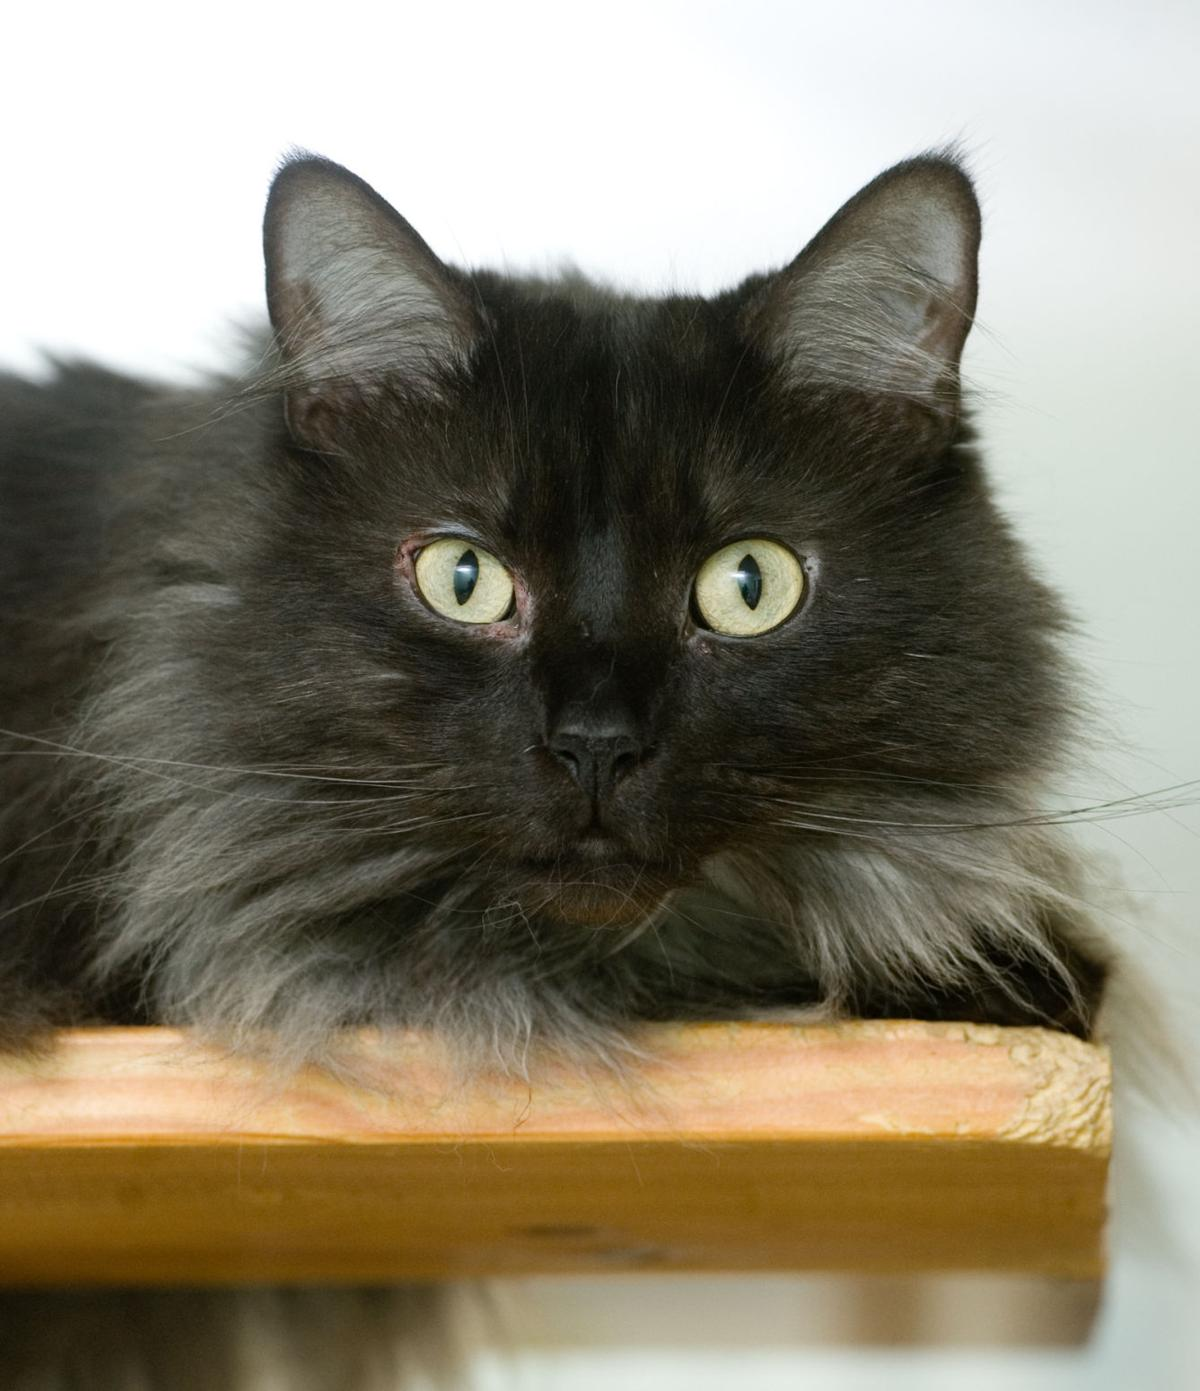 051615-mat-pets-cat-KK.jpg